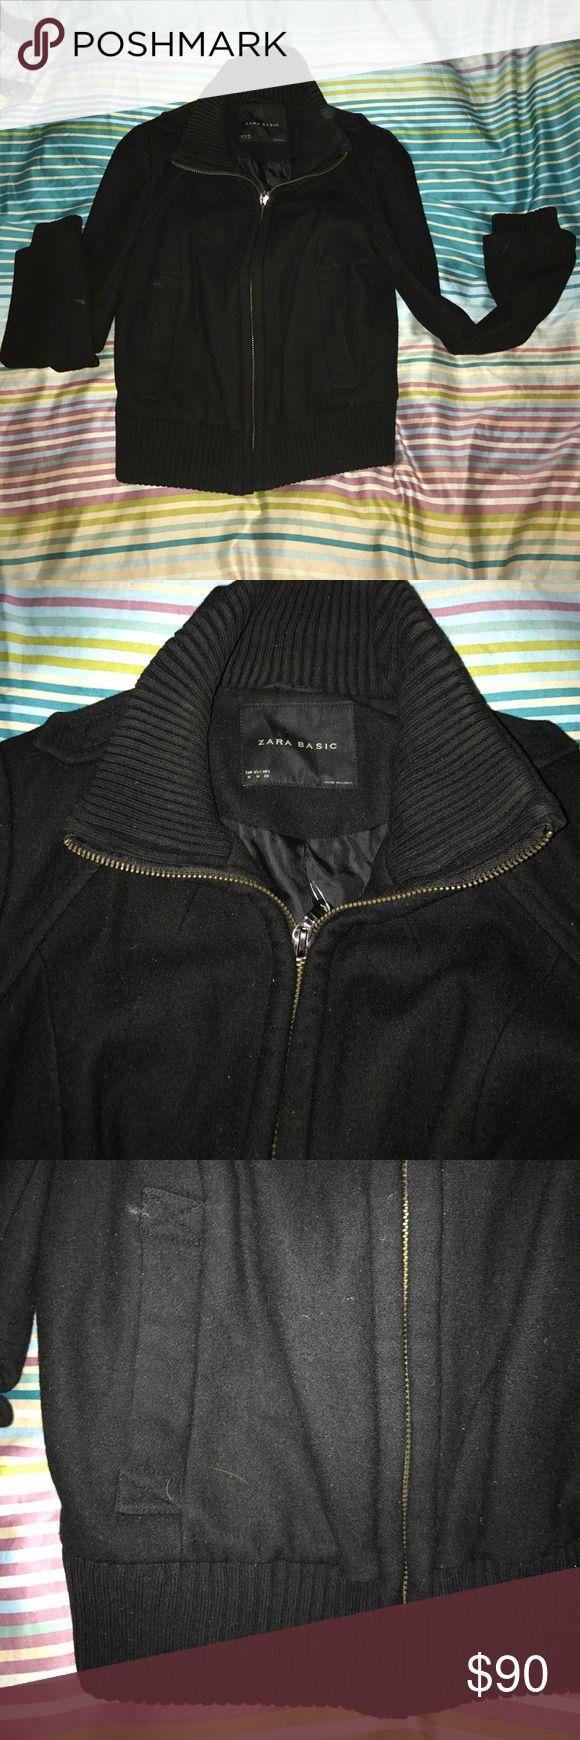 NWOT Zara Bomber Jacket Super cuteZara Basic  black bomber jacket. Only worn once or twice. Zara Jackets & Coats